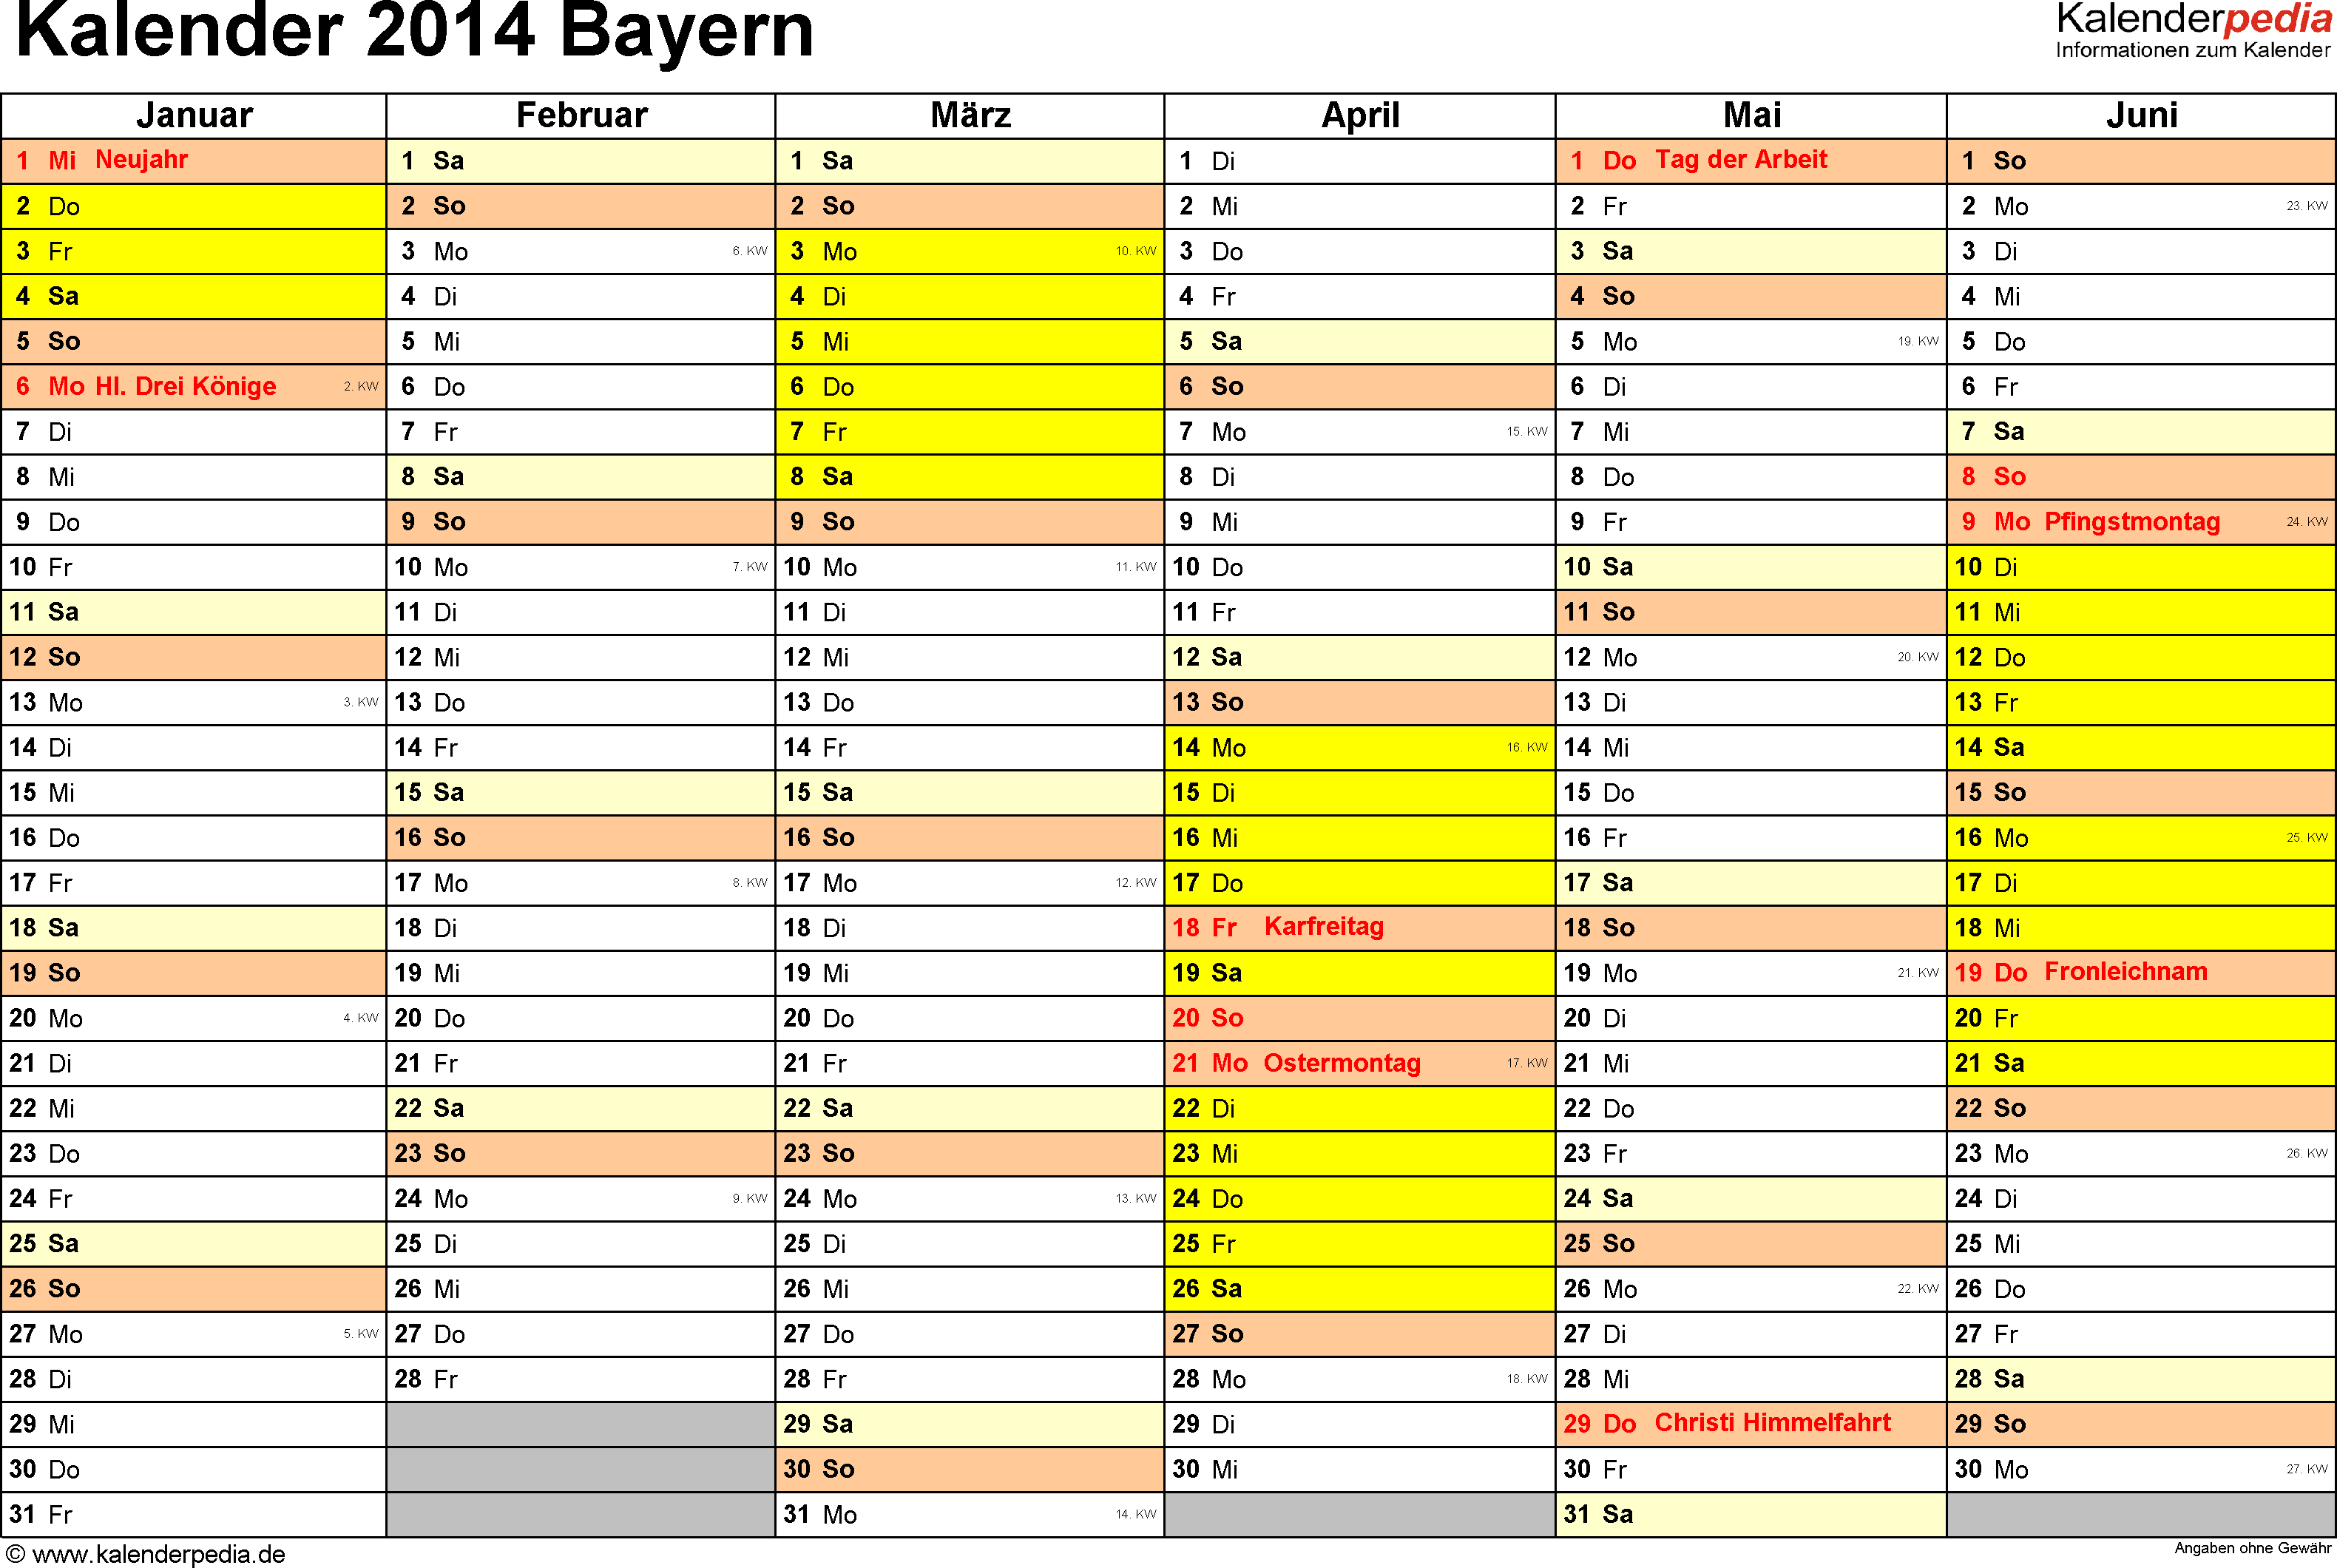 Vorlage 2: Kalender 2014 für Bayern als PDF-Vorlagen (Querformat, 2 Seiten)